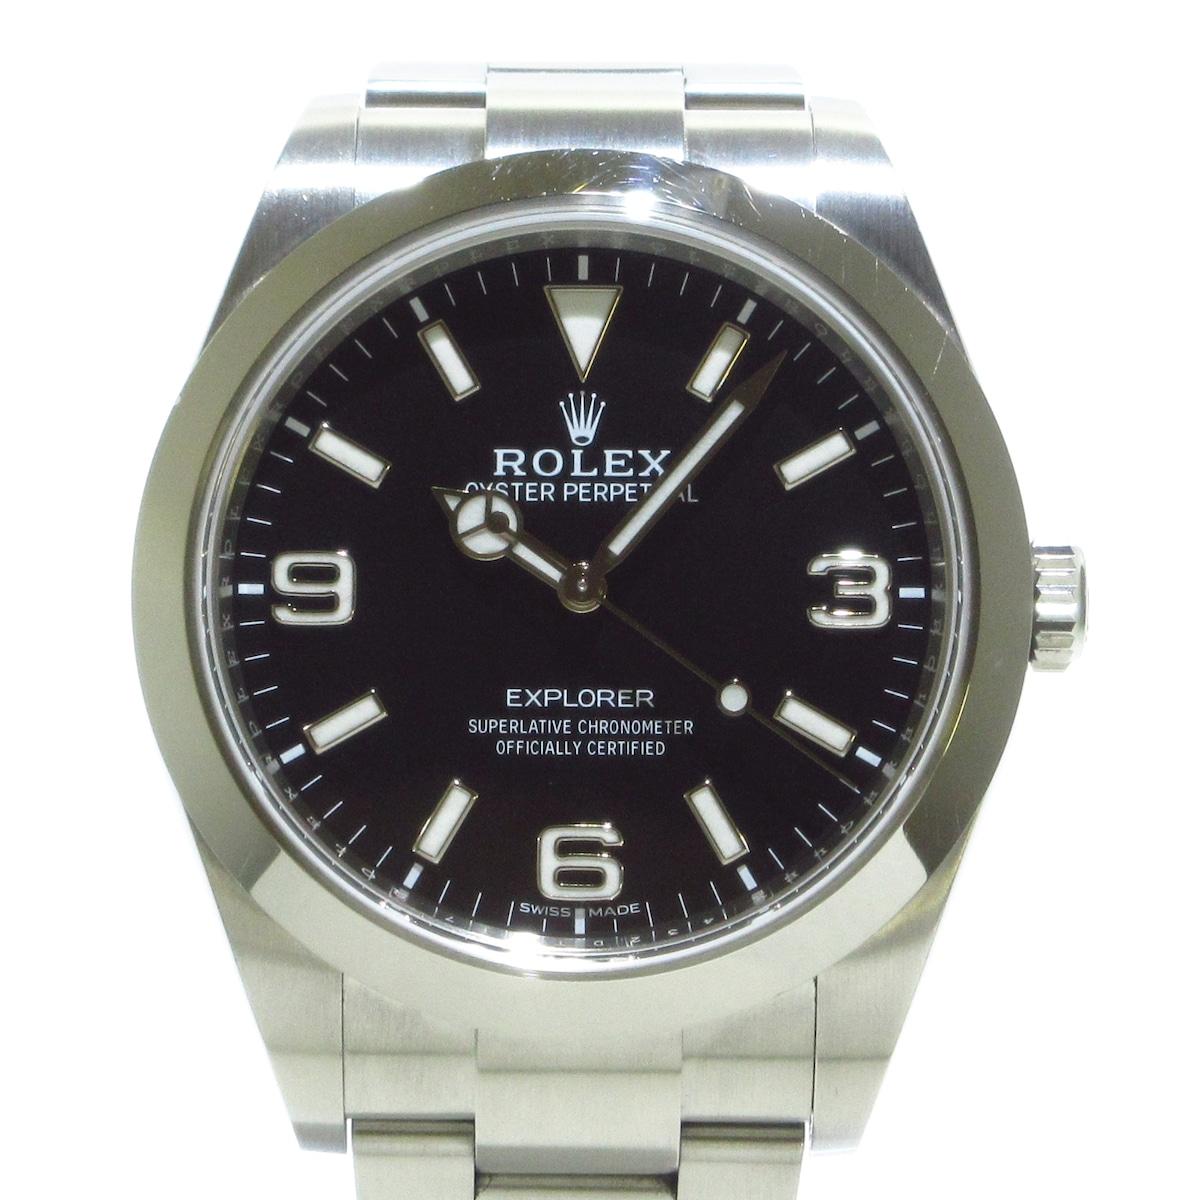 ROLEX(ロレックス)のエクスプローラー1